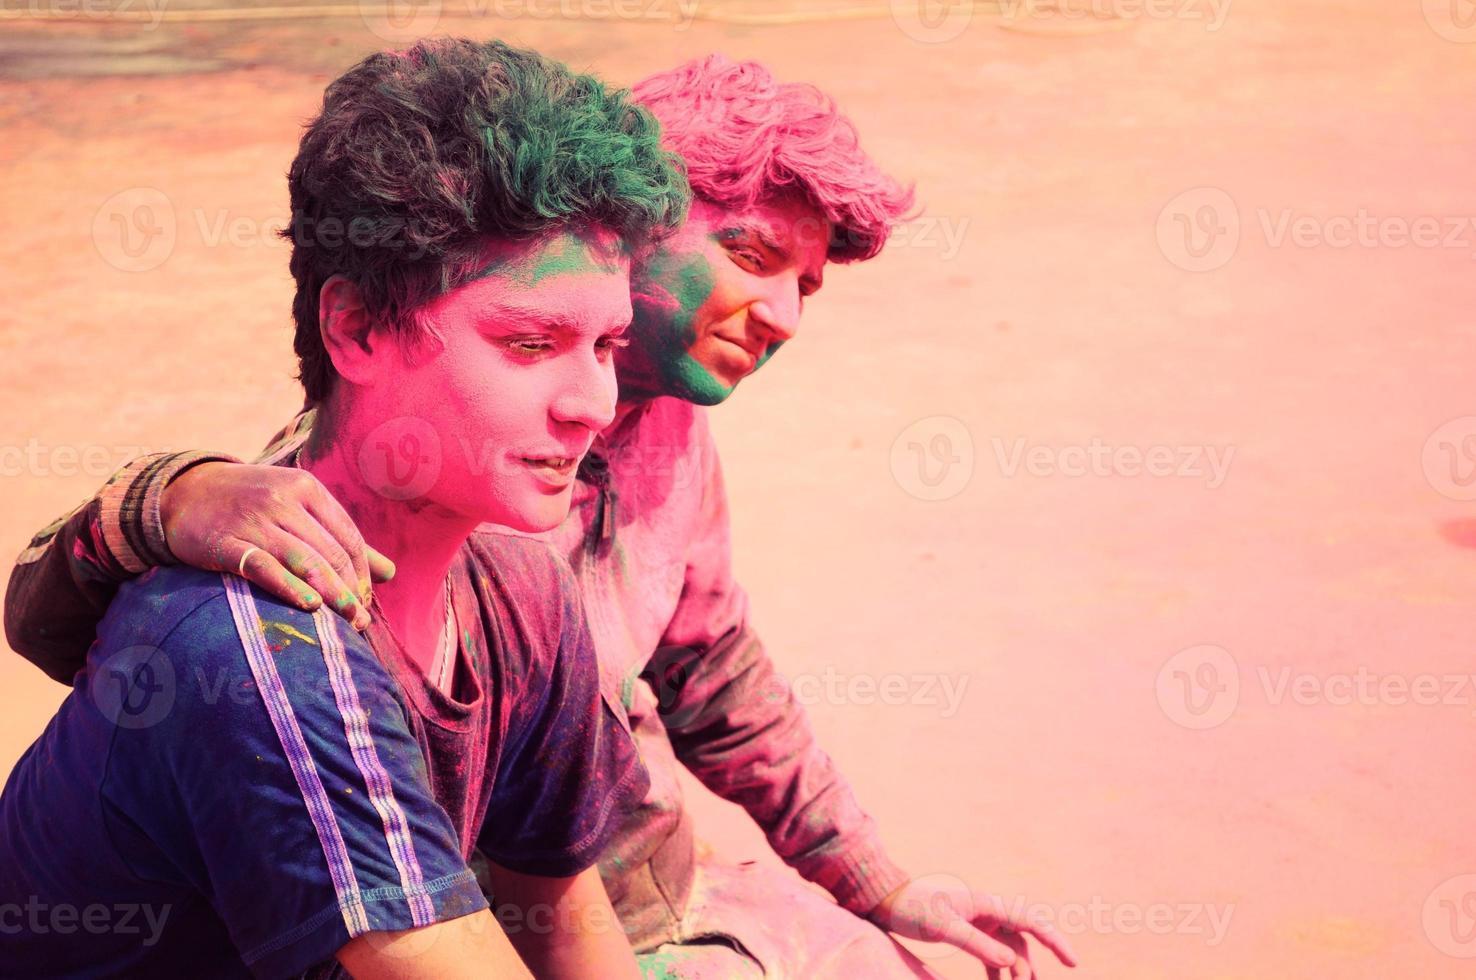 twee vrienden genieten van het kleurrijke holifestival in india. foto